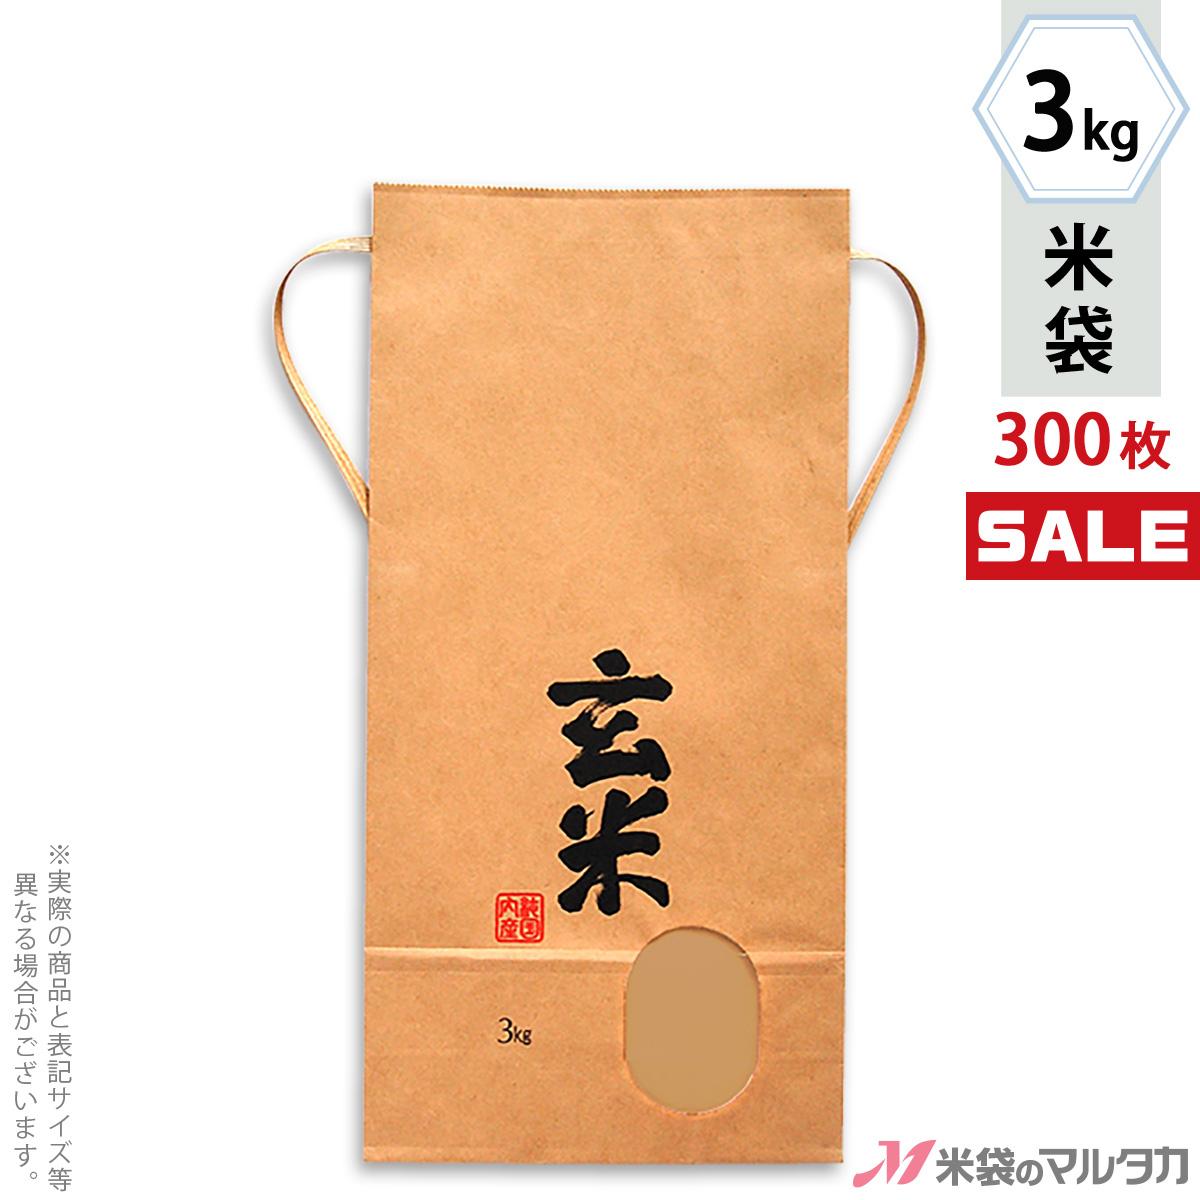 <キャンペーン対応>米袋 KH-0370 マルタカ クラフト 玄米 良穀(りょうこく)(銘柄なし) 窓付 角底 3kg用紐付 【米袋 3kg】【1ケース(300枚入)】